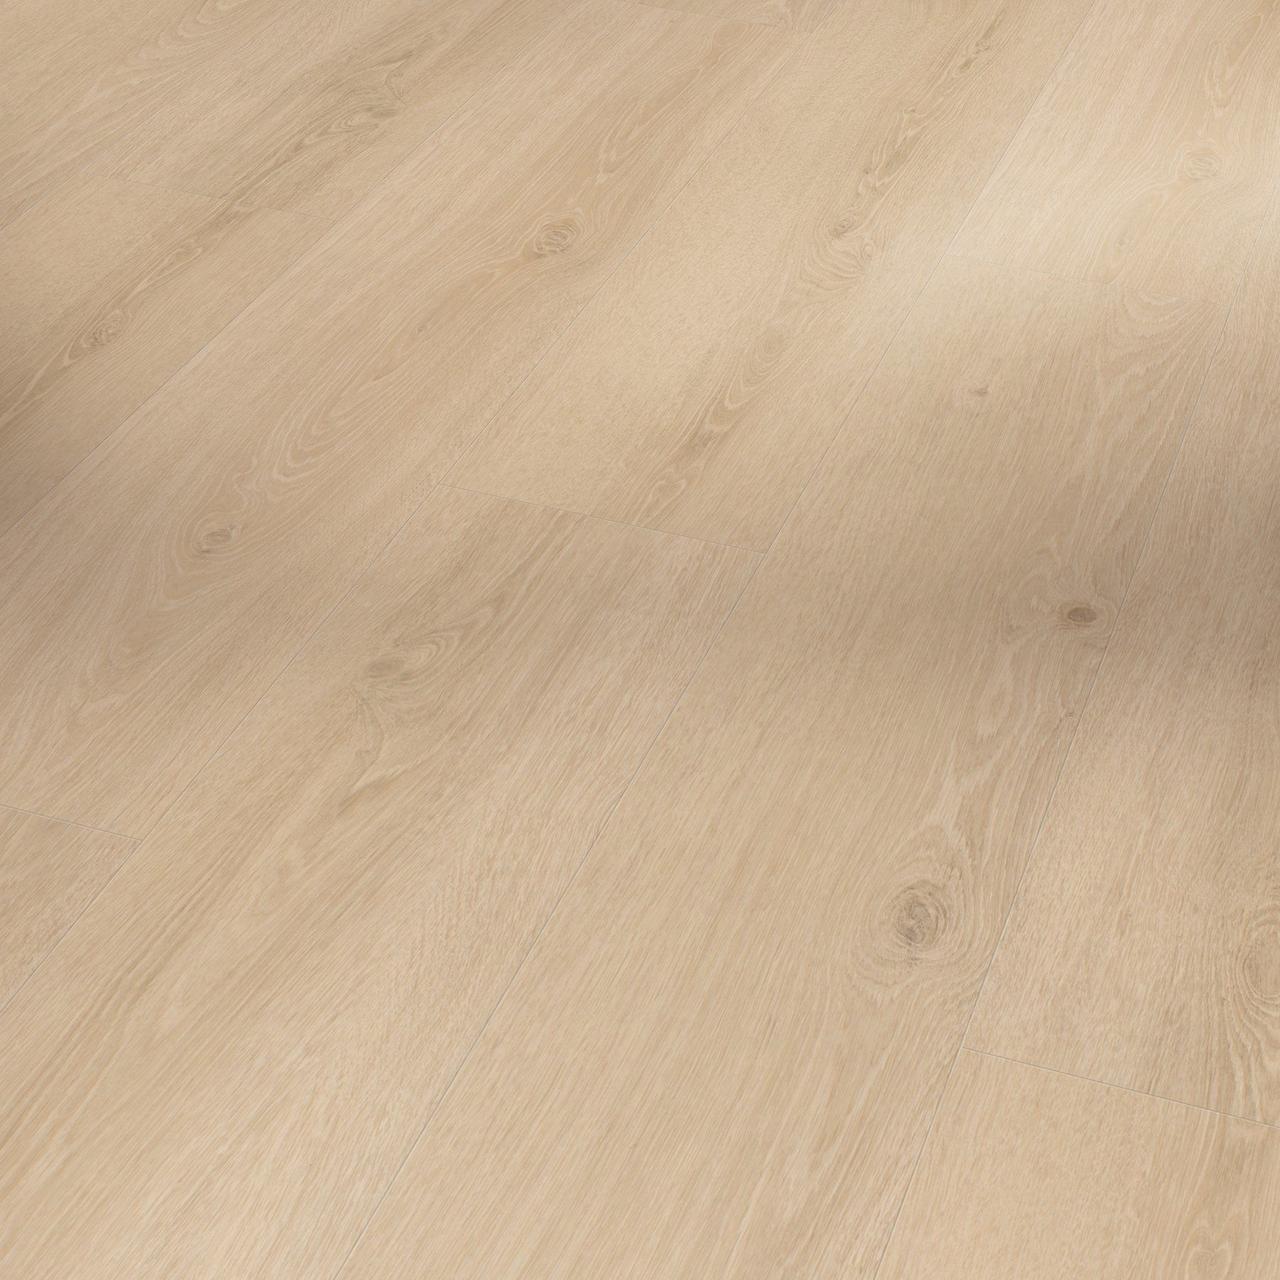 Виниловые покрытия Parador Дуб Студиолайн шлифованный браш (Oak Studioline sanded)